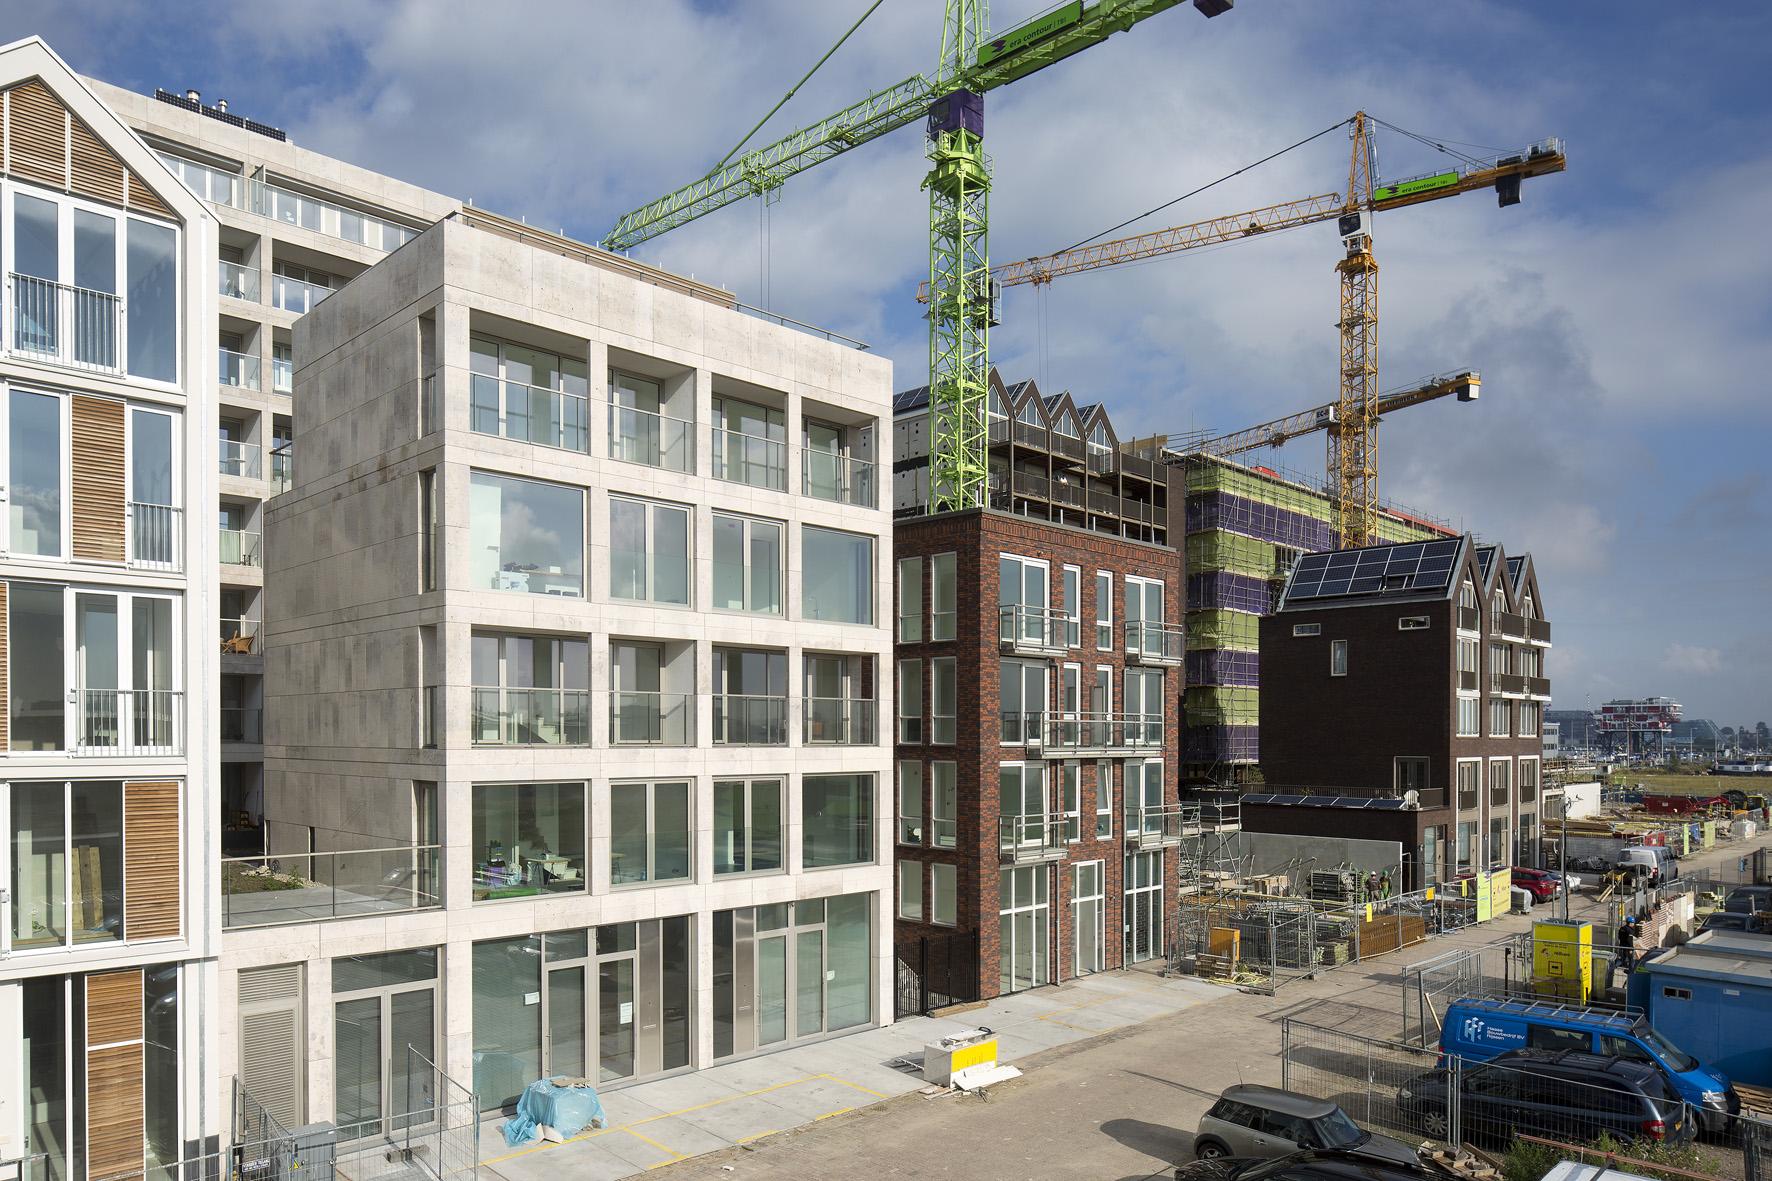 Atelier PUUUR BLOK herenhuis 3 kadewoning BLOK0 Houthaven Amsterdam CO zelfbouw